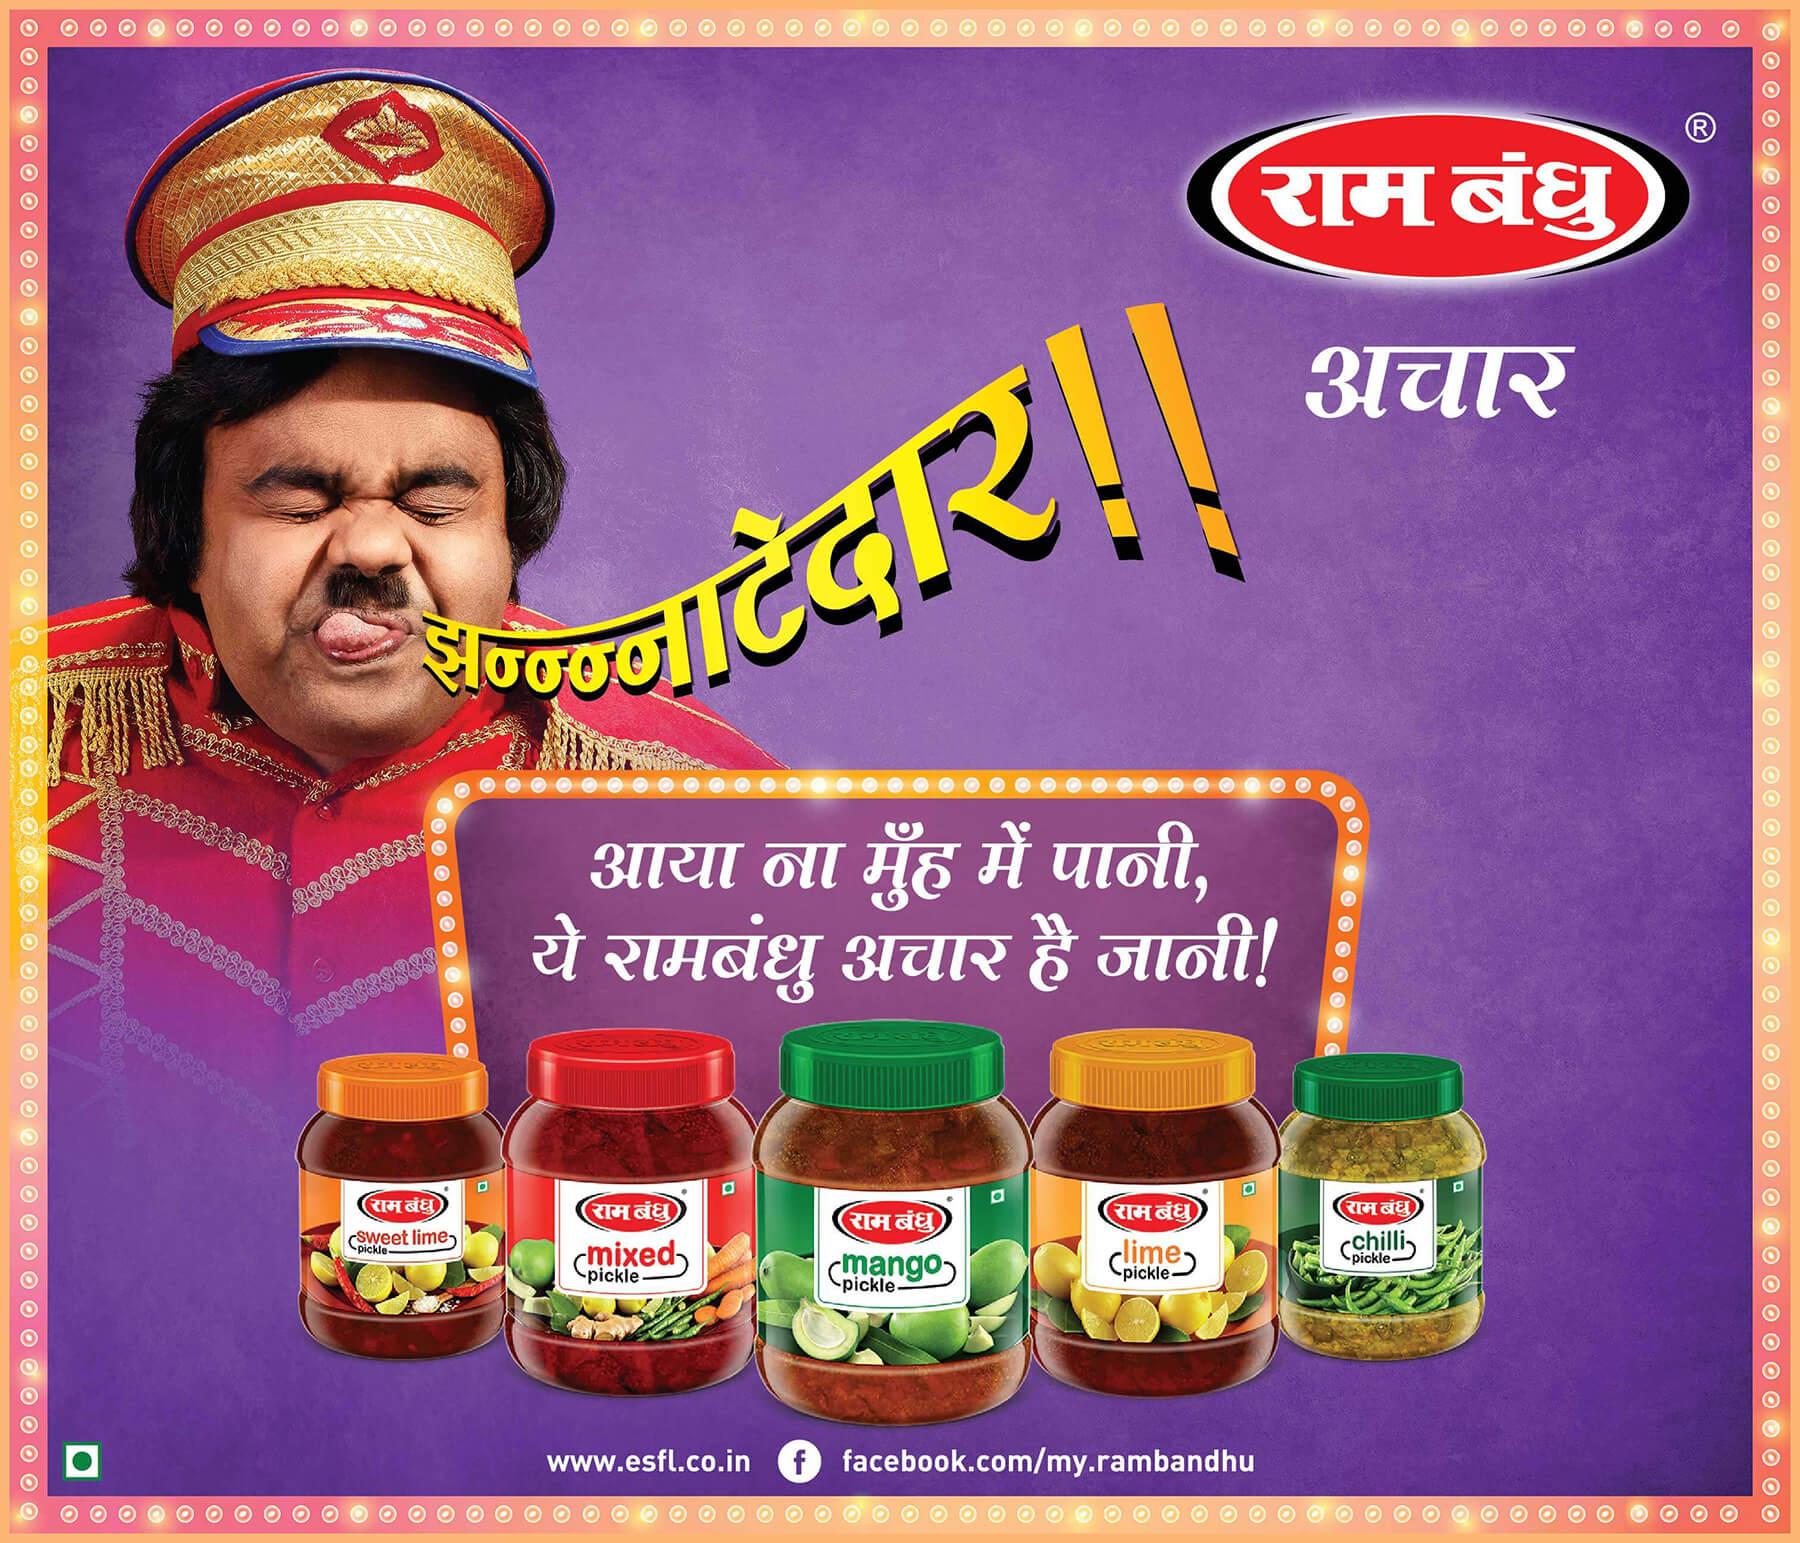 Pickle Campaign